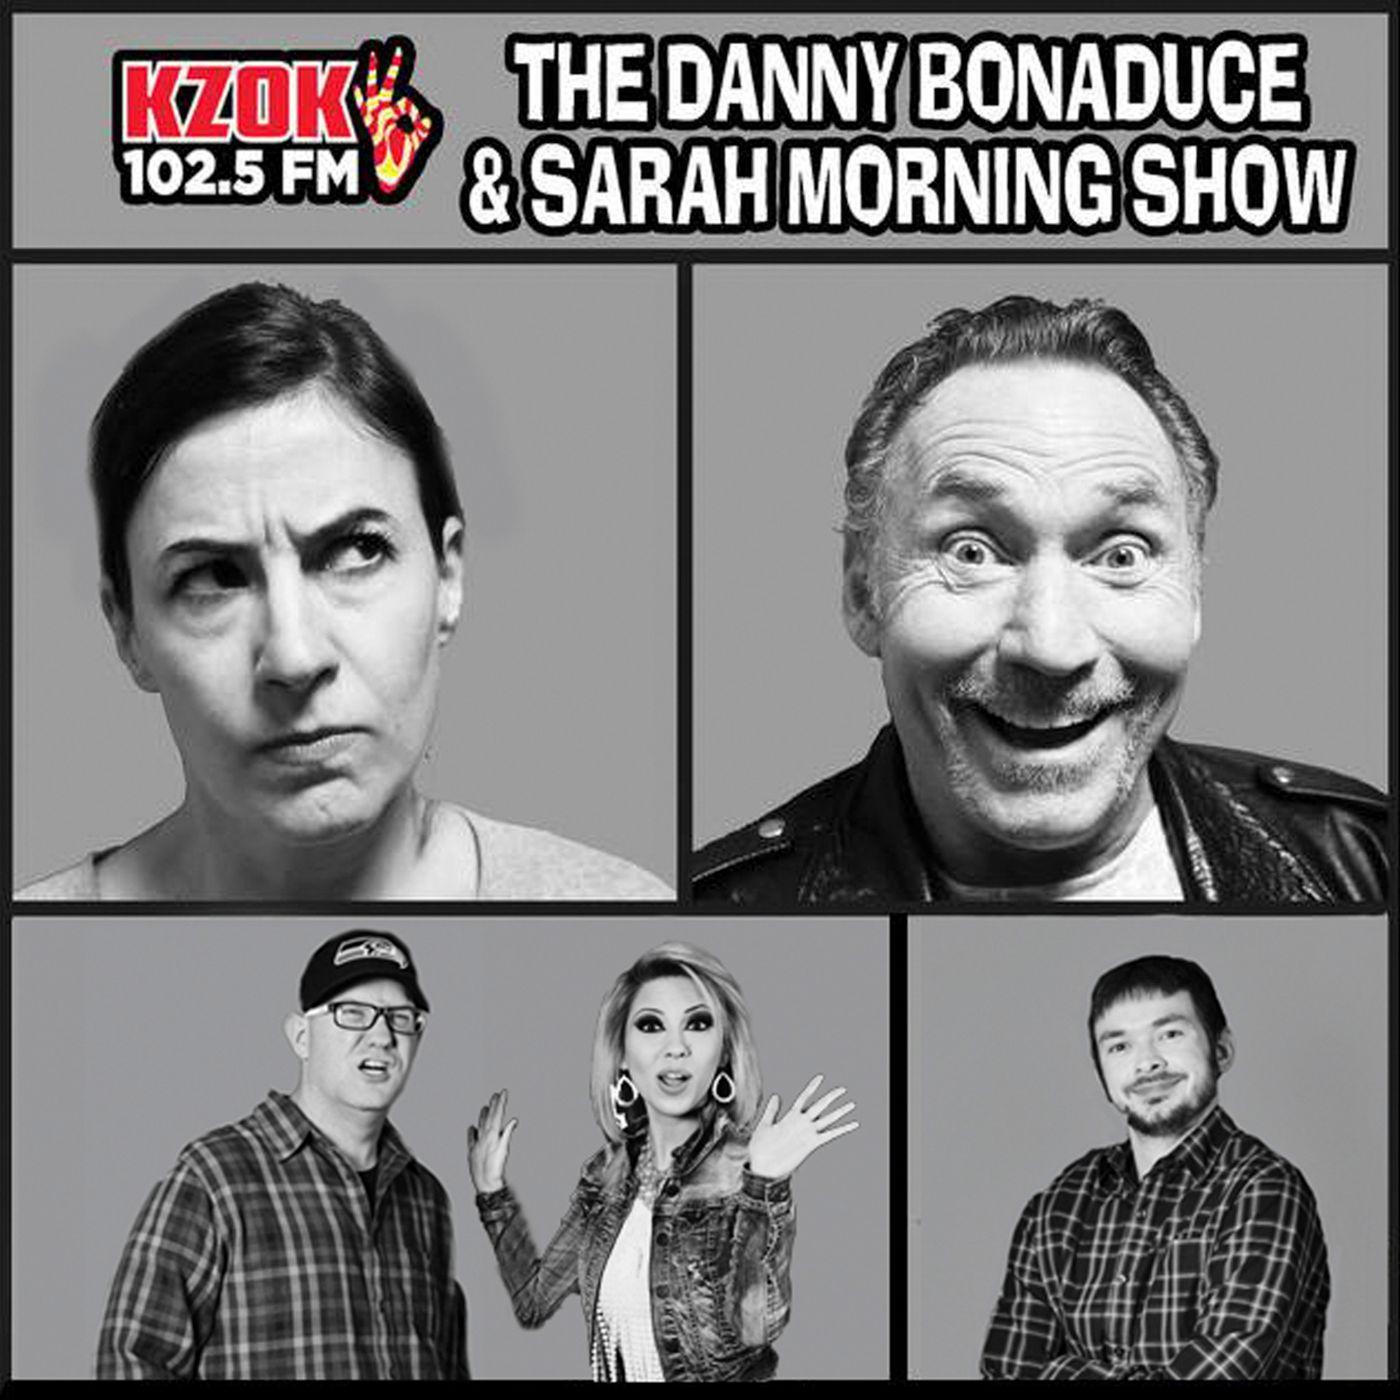 The Danny Bonaduce & Sarah Morning Show